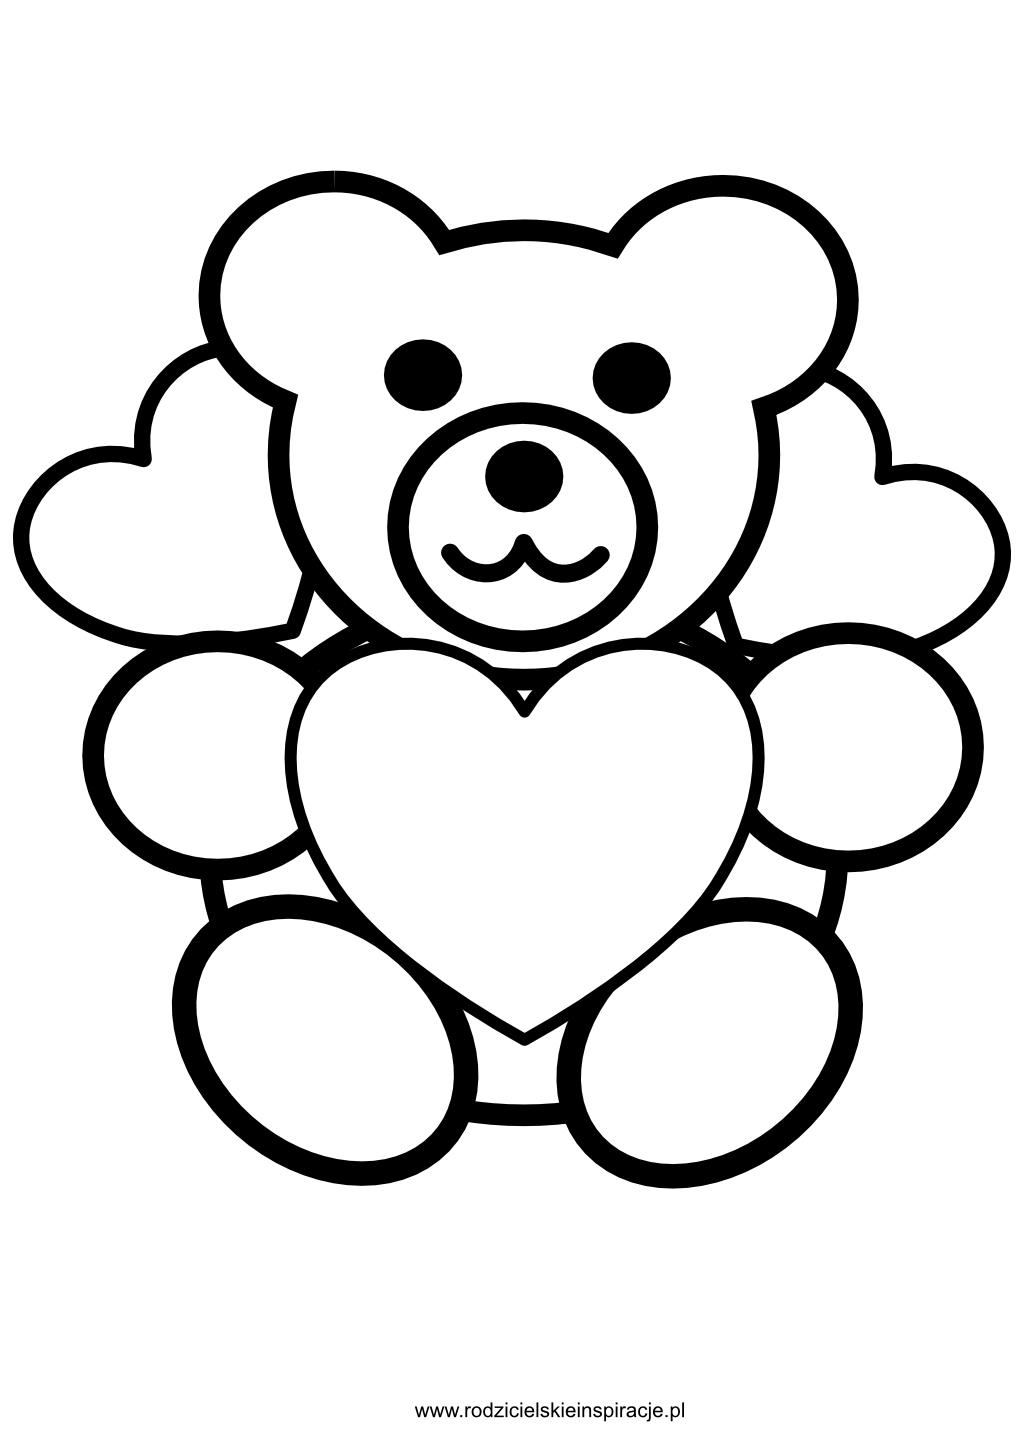 Miś serce - kolorowanka do druku na walentynki